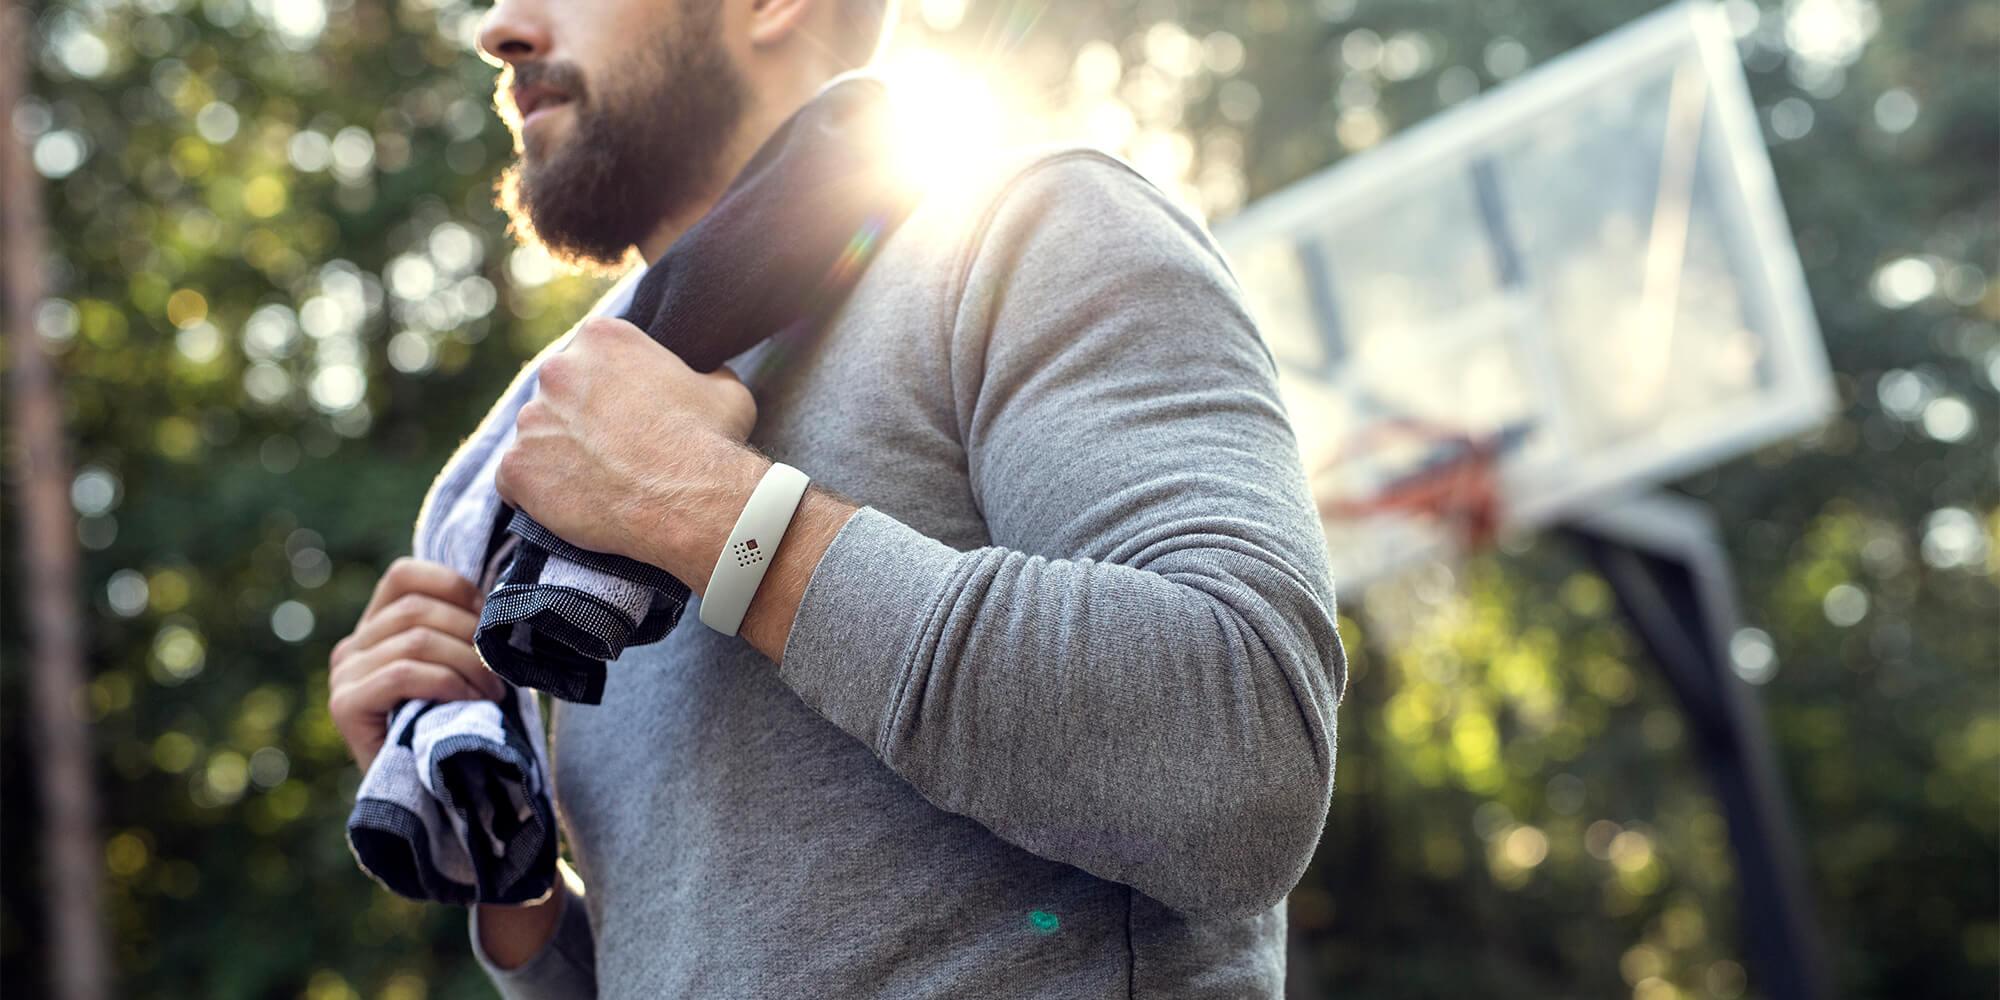 Vyras sportuoja lauke nešiodamas jaukią AMBRIO apyrankę